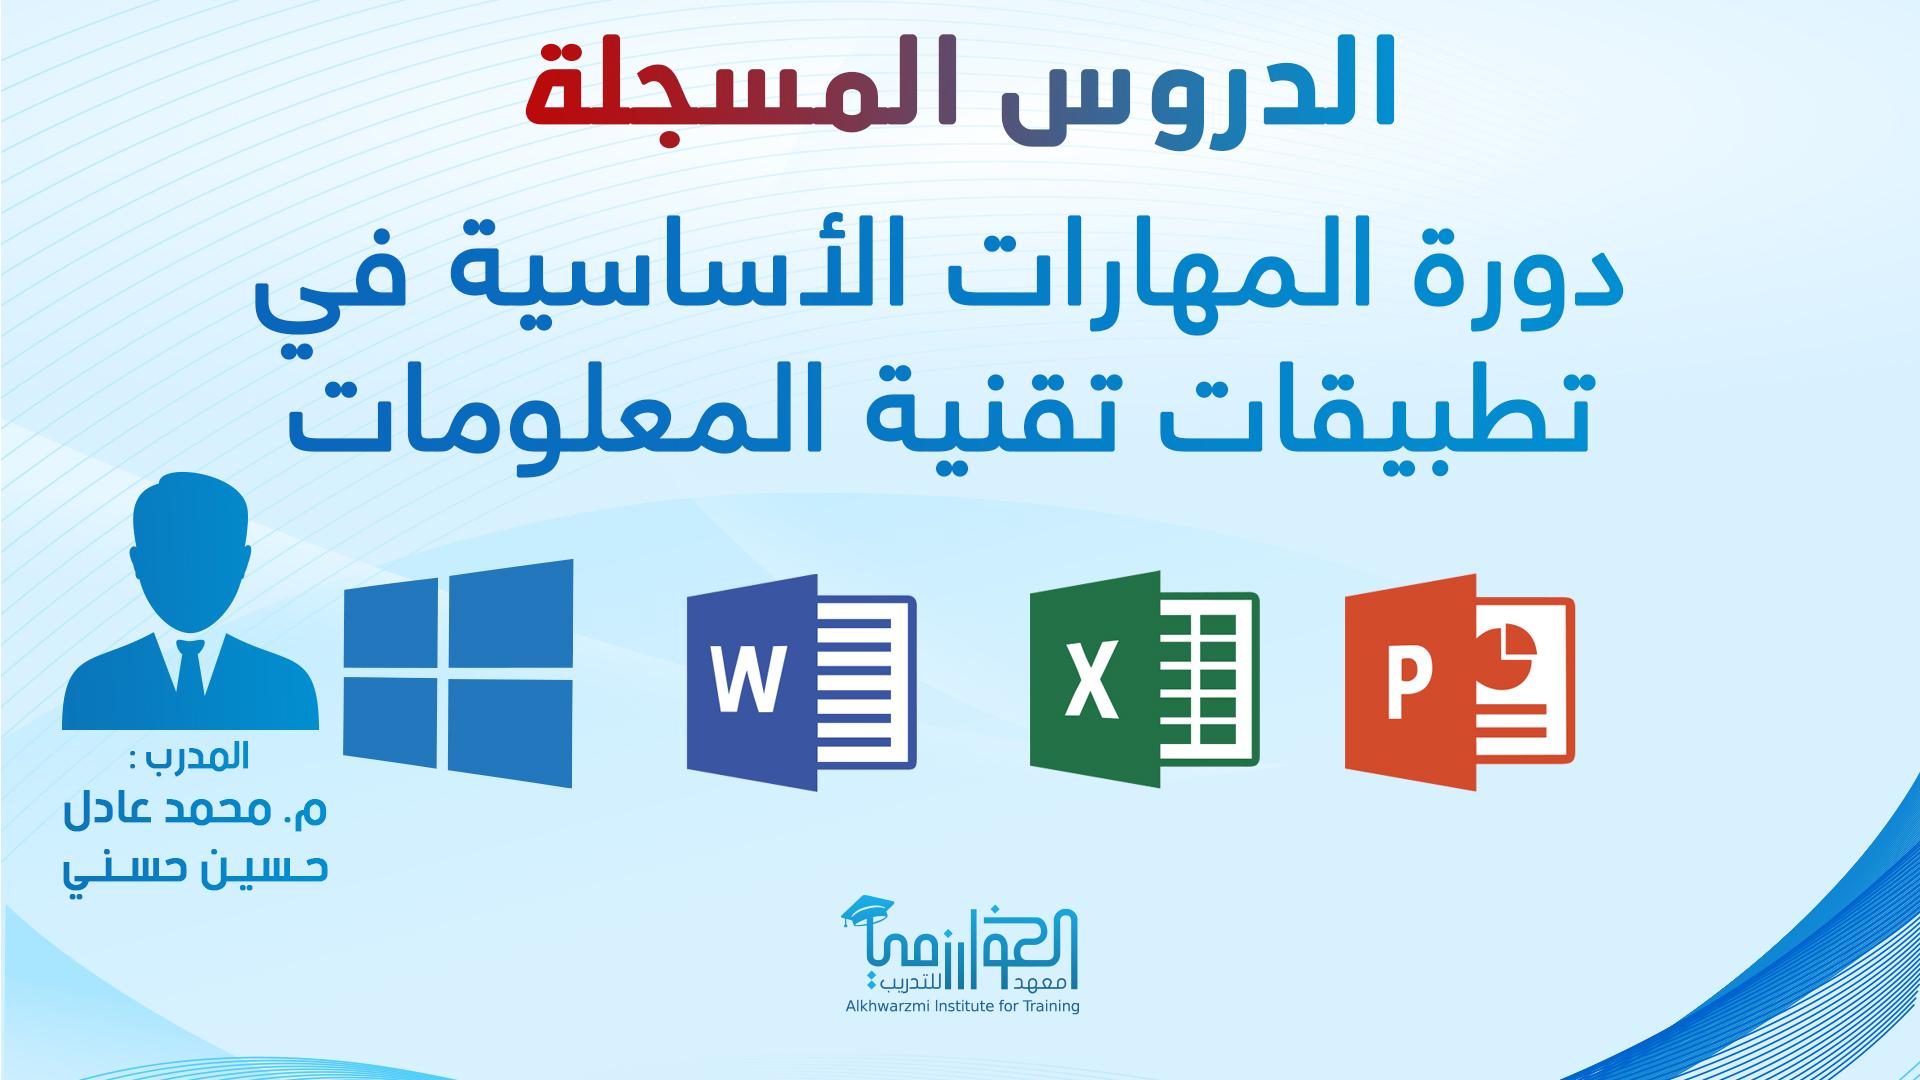 دورة المهارات الأساسية في تطبيقات تقنية المعلومات [الدروس المسجلة]